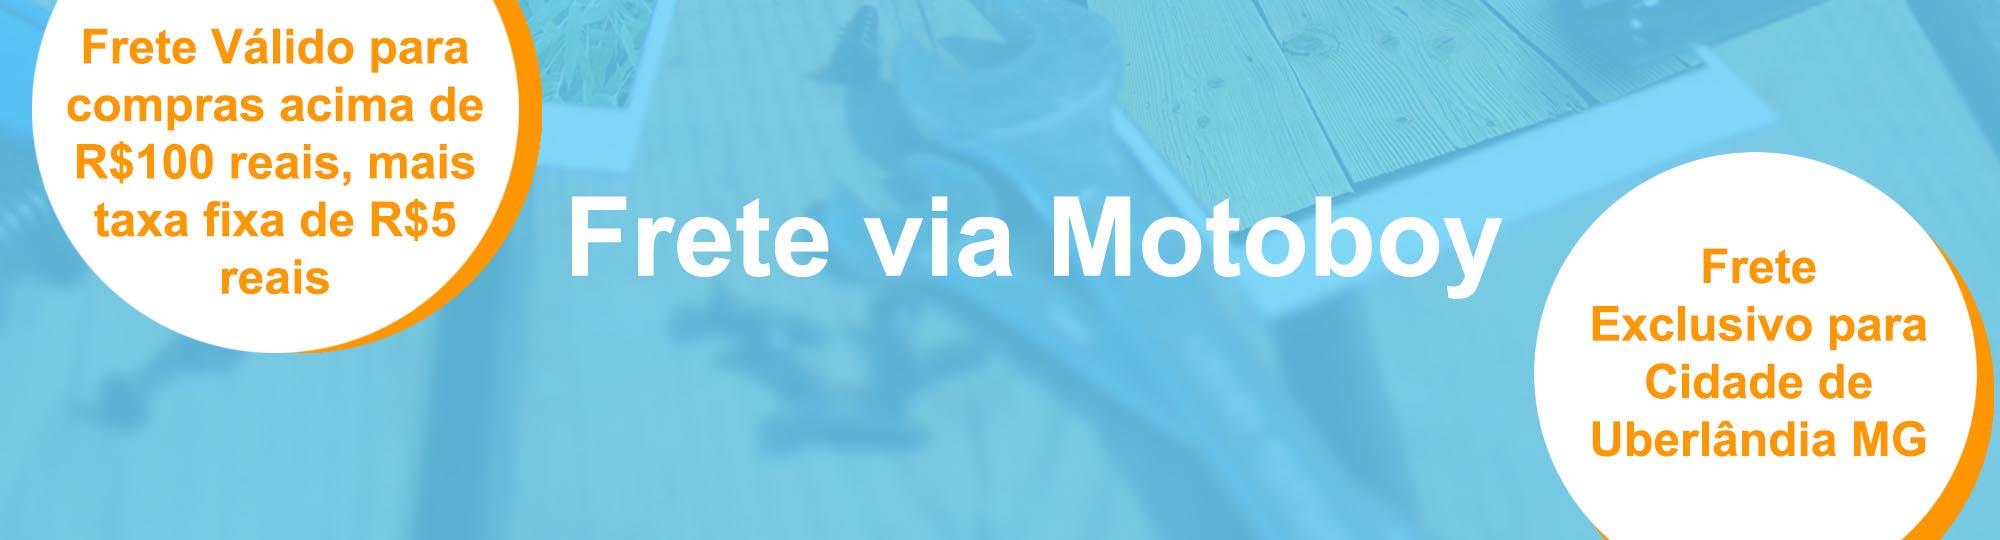 Frete via Moto Boy